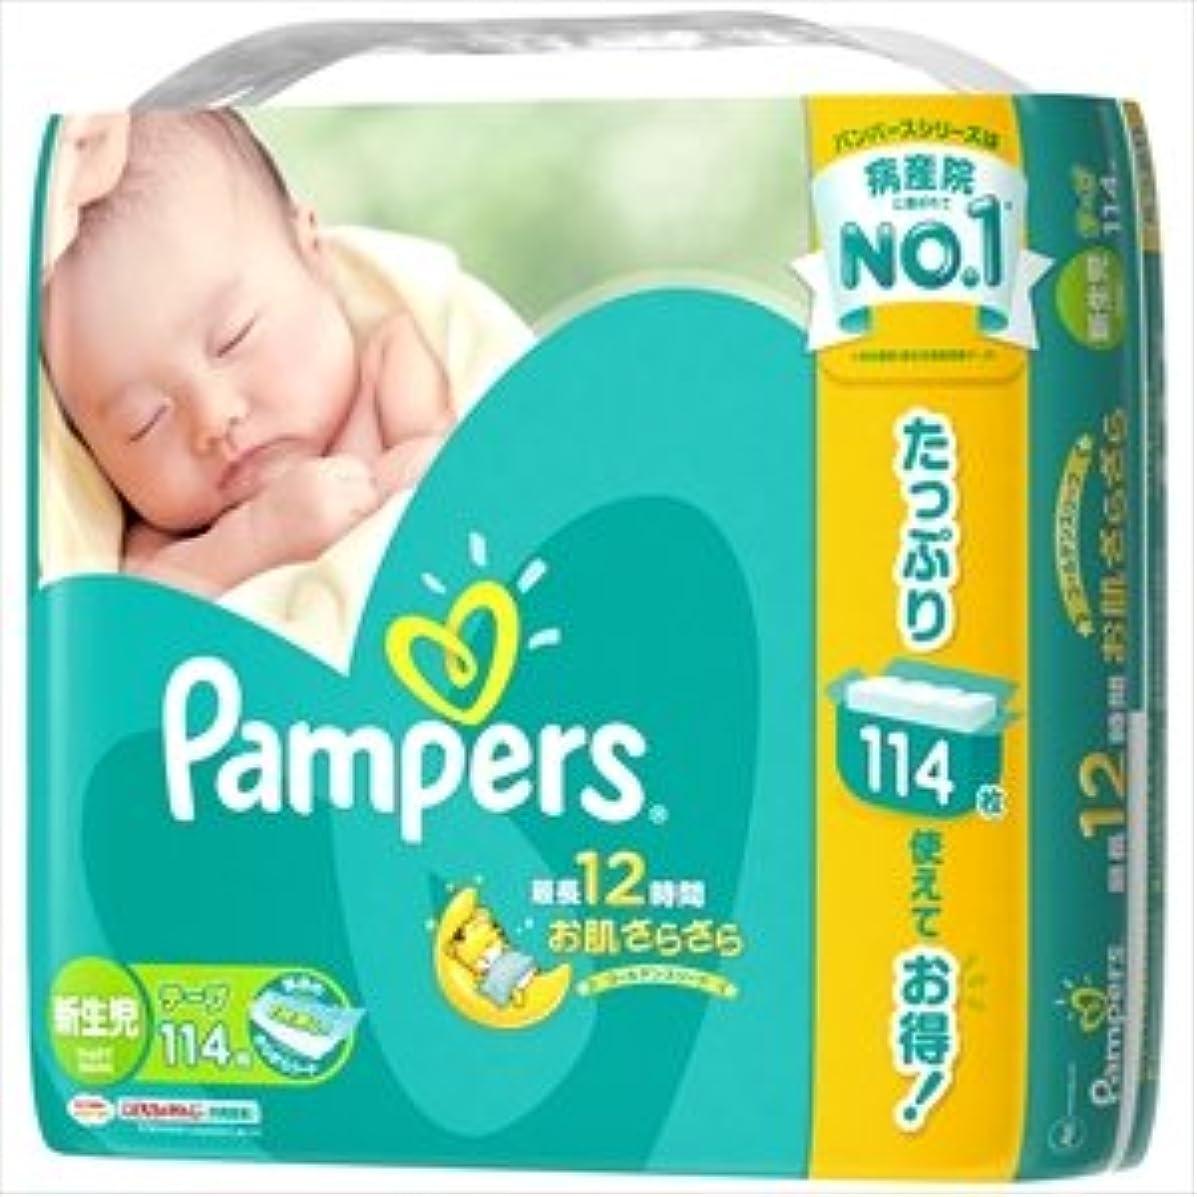 パンパース さらさらケア(テープ) ウルトラジャンボ 新生児用 × 5個セット